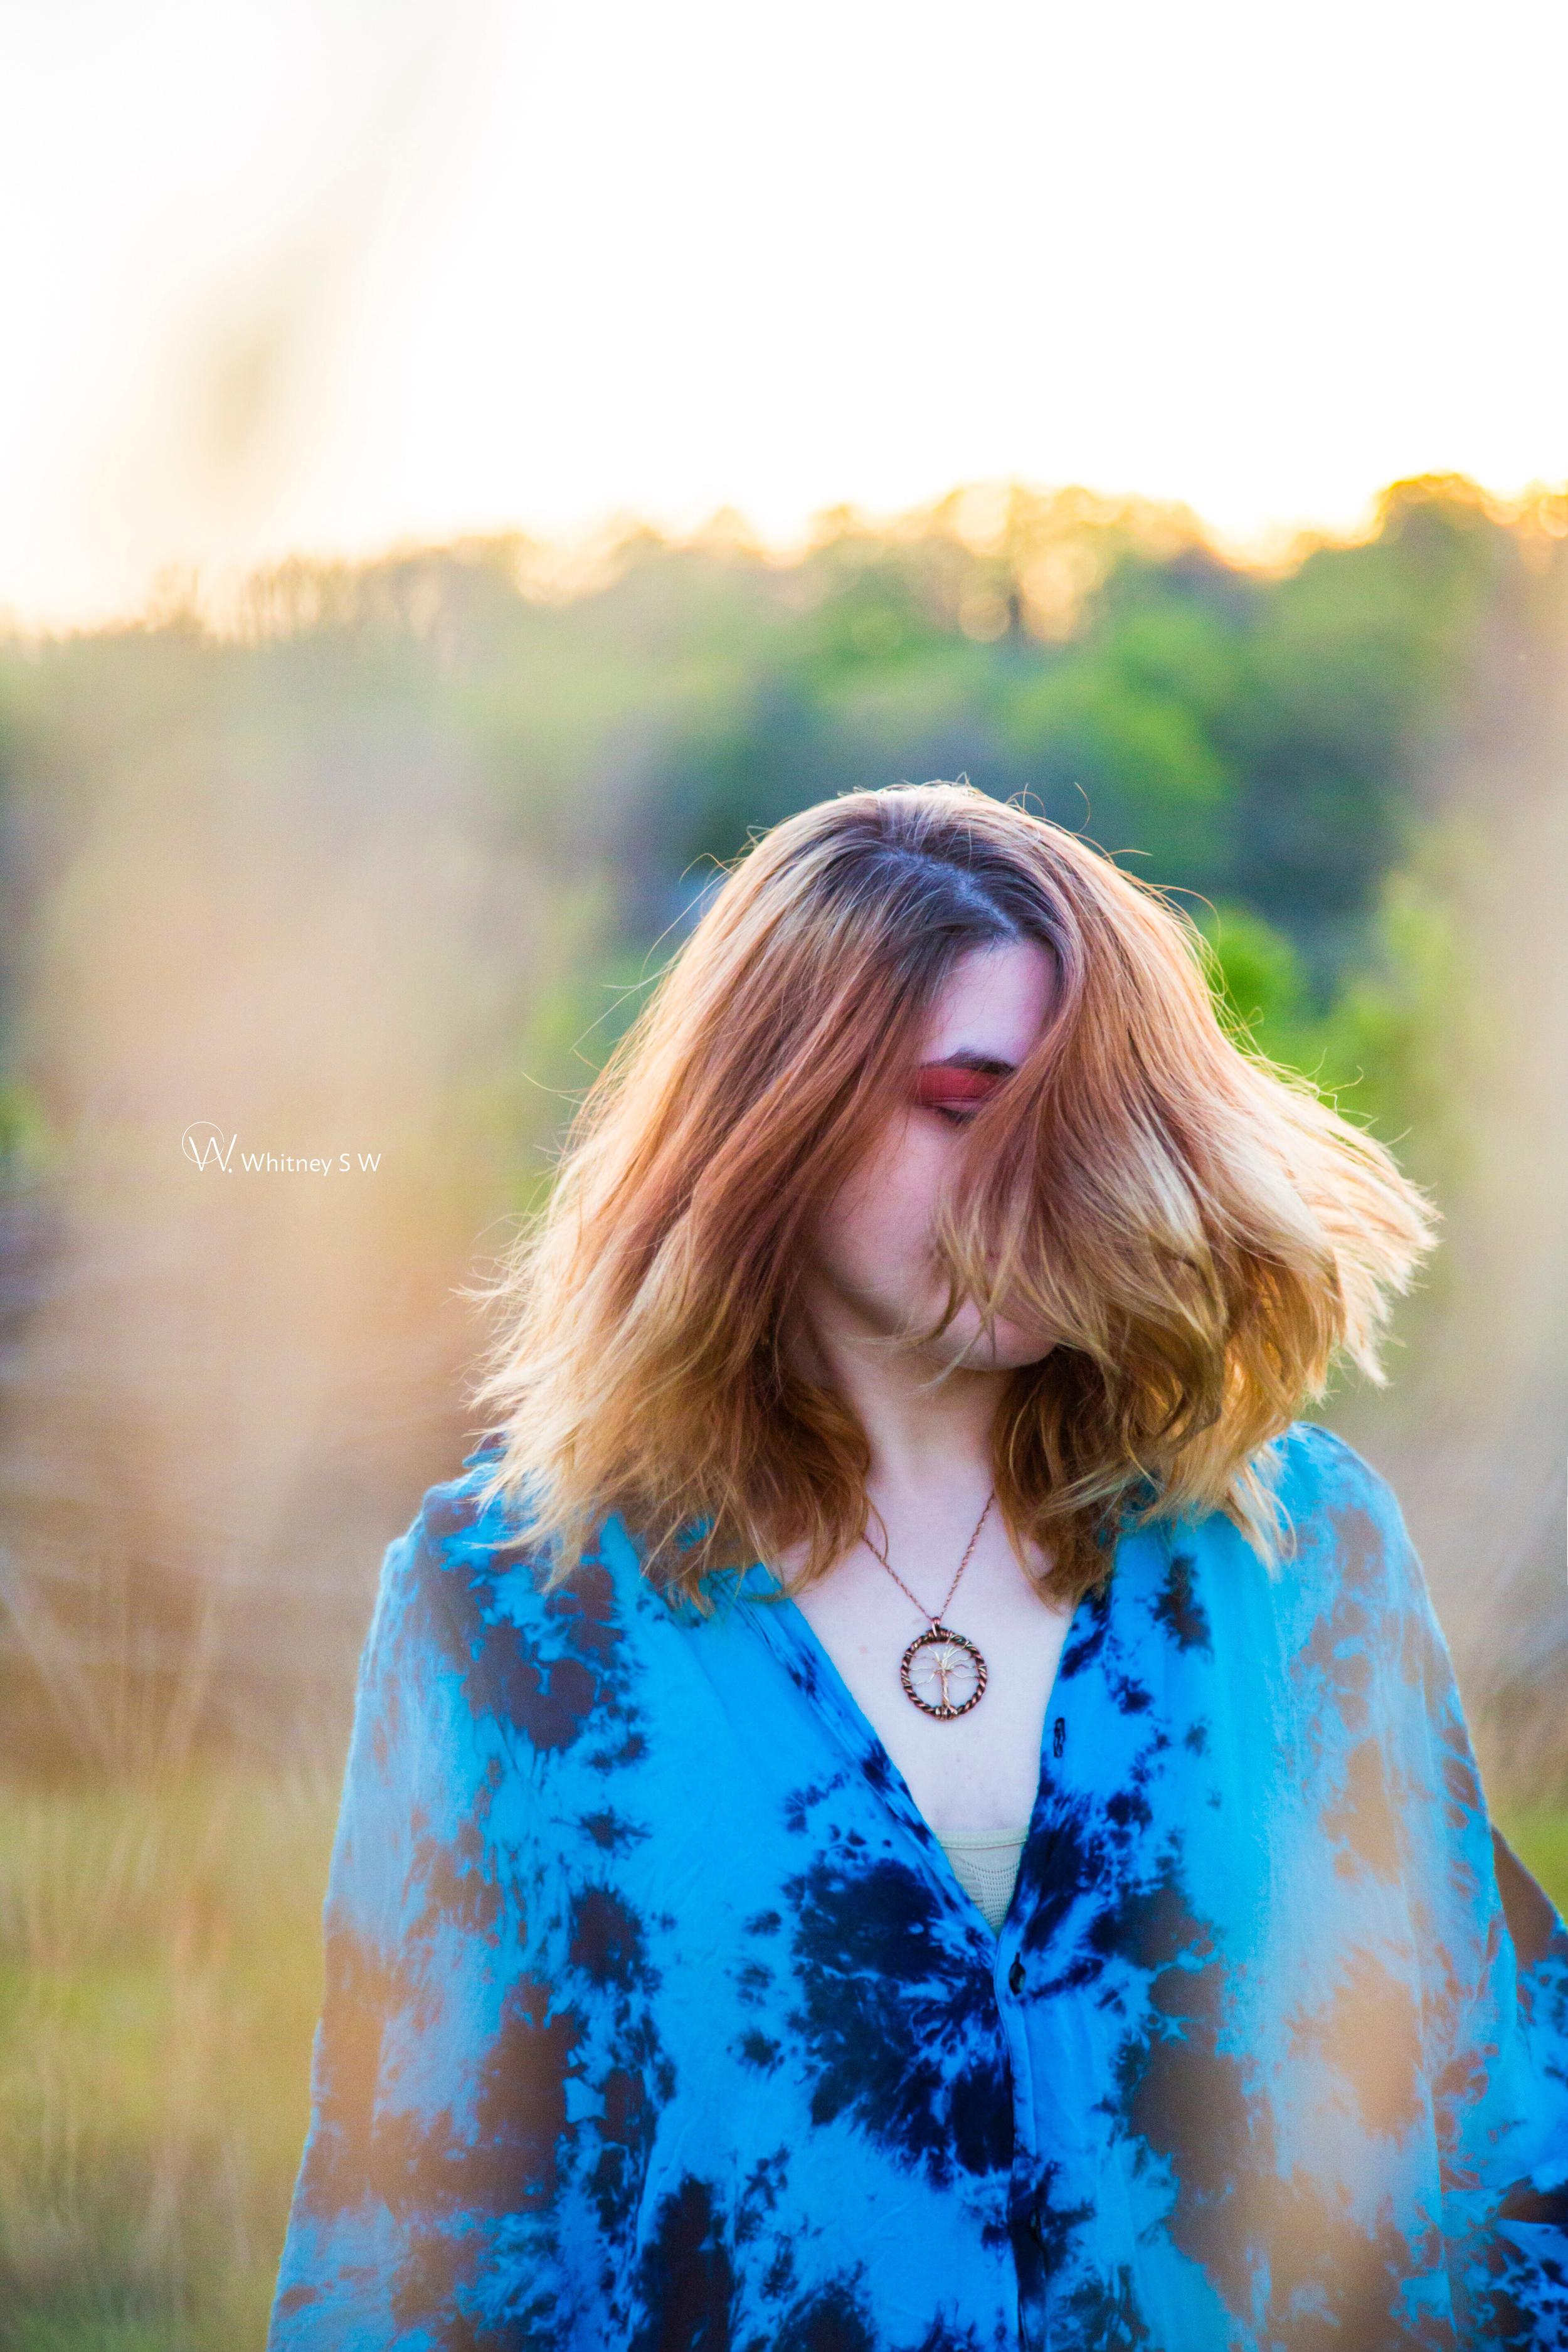 Katie Dickens_Photo by Whitney S W_01_WTK.jpg